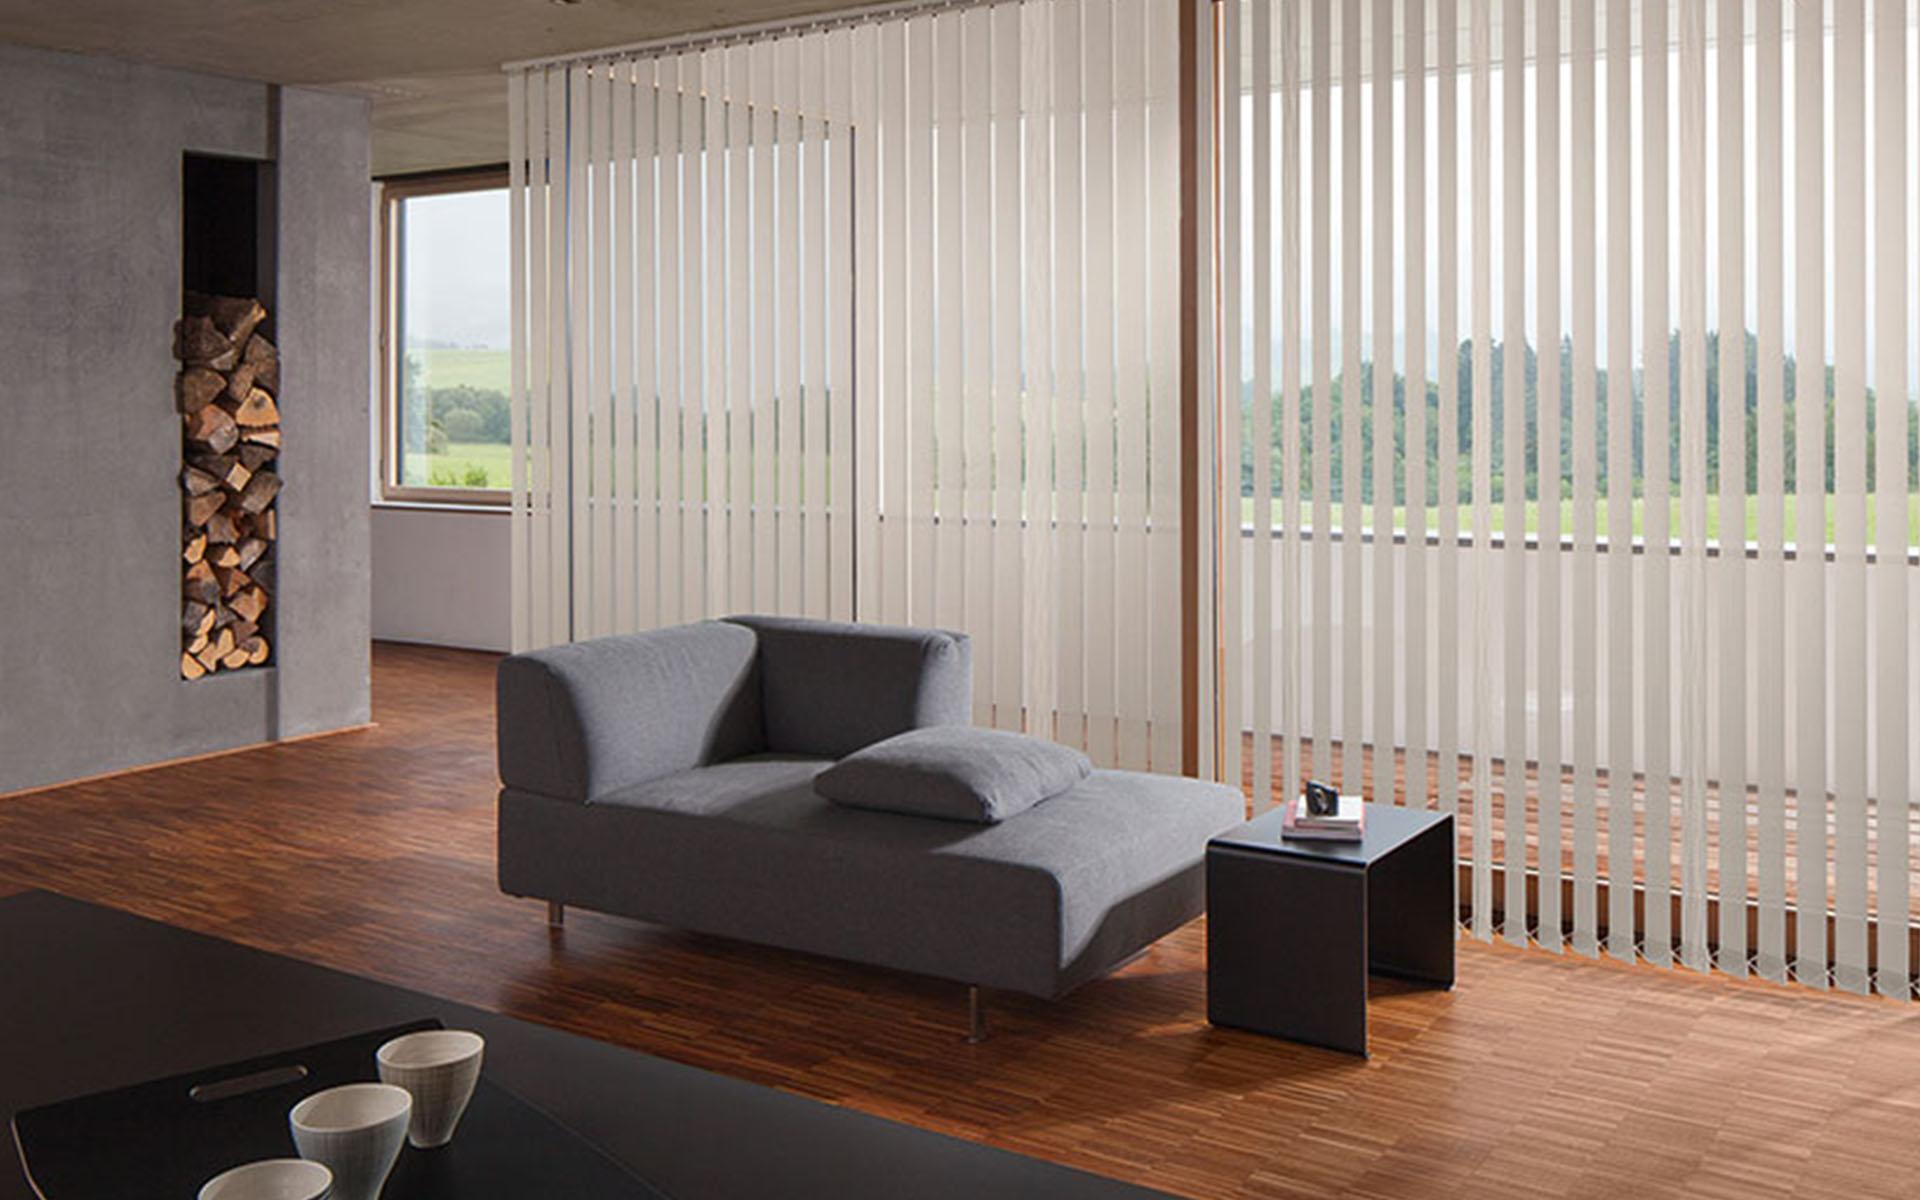 Fensterdeko rollos deko sqid plissee terstappen for Fensterdeko gardinen